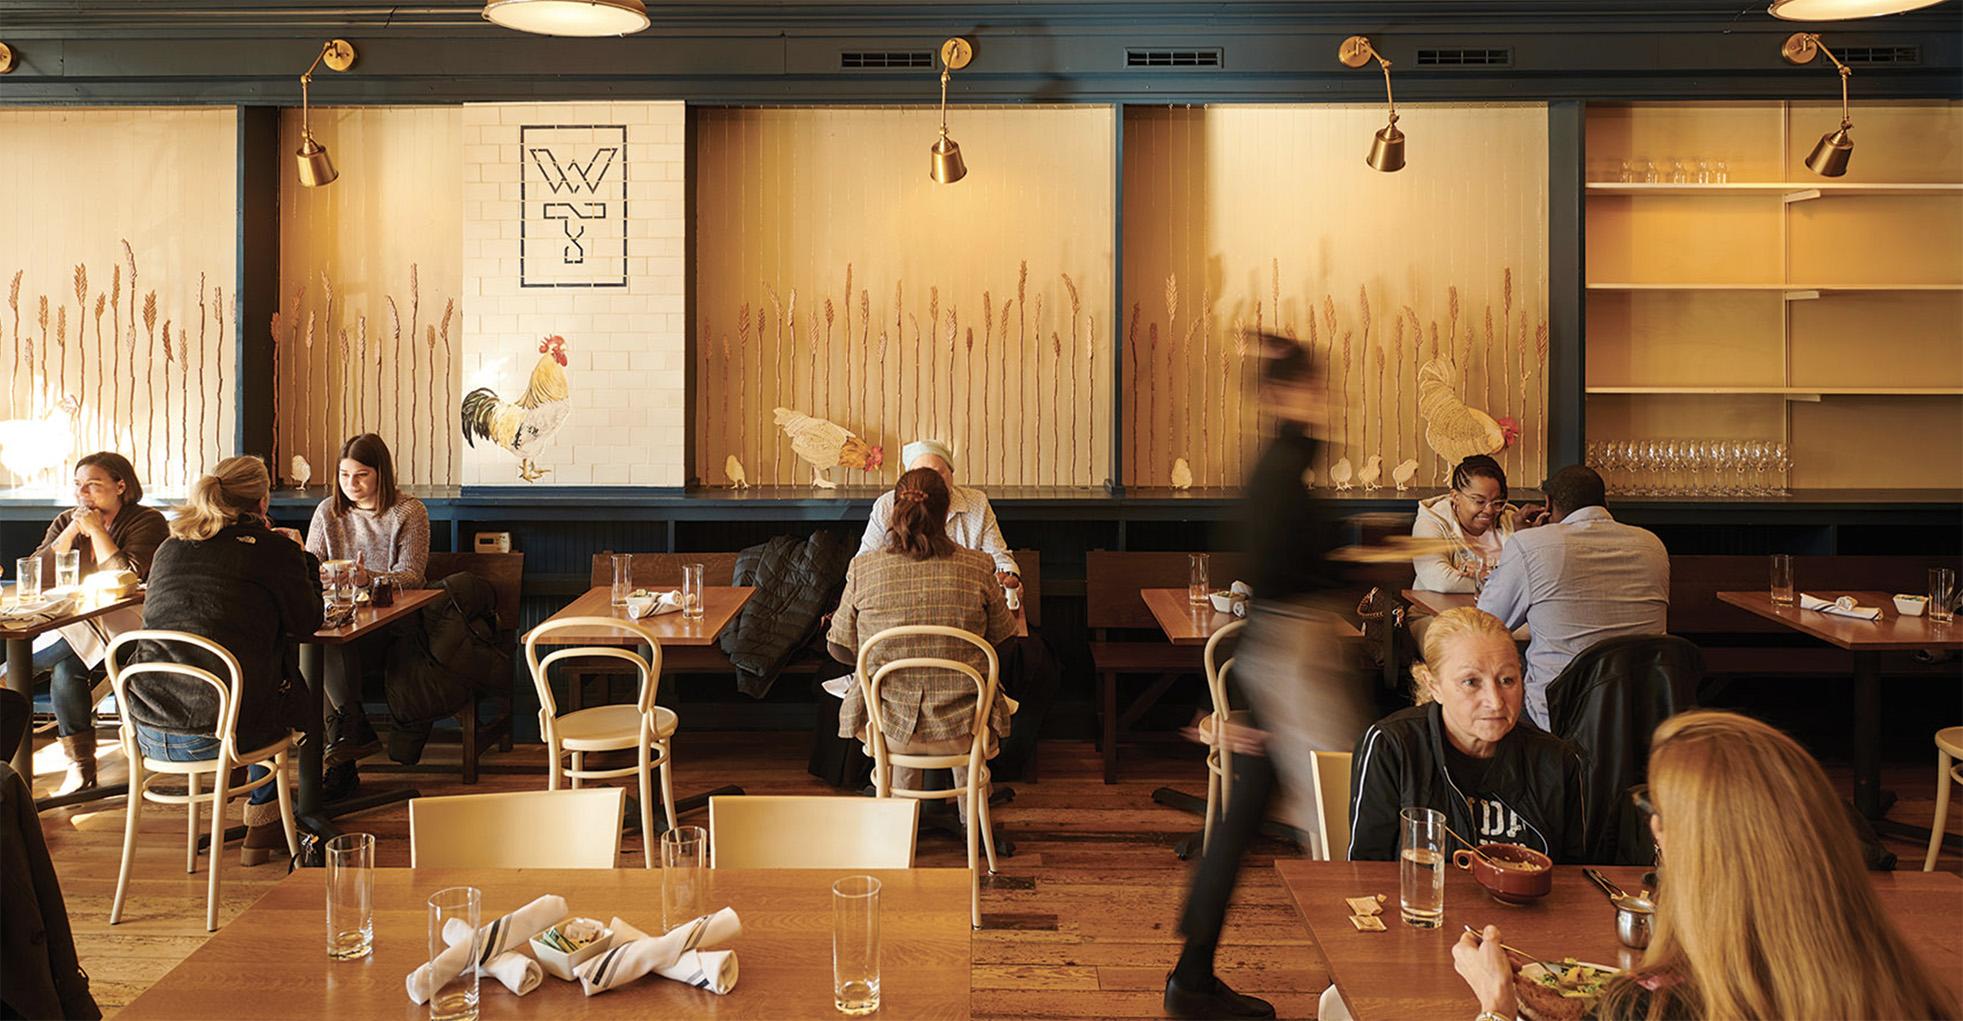 2020 Best New Restaurants // No. 6 Winslow's Table